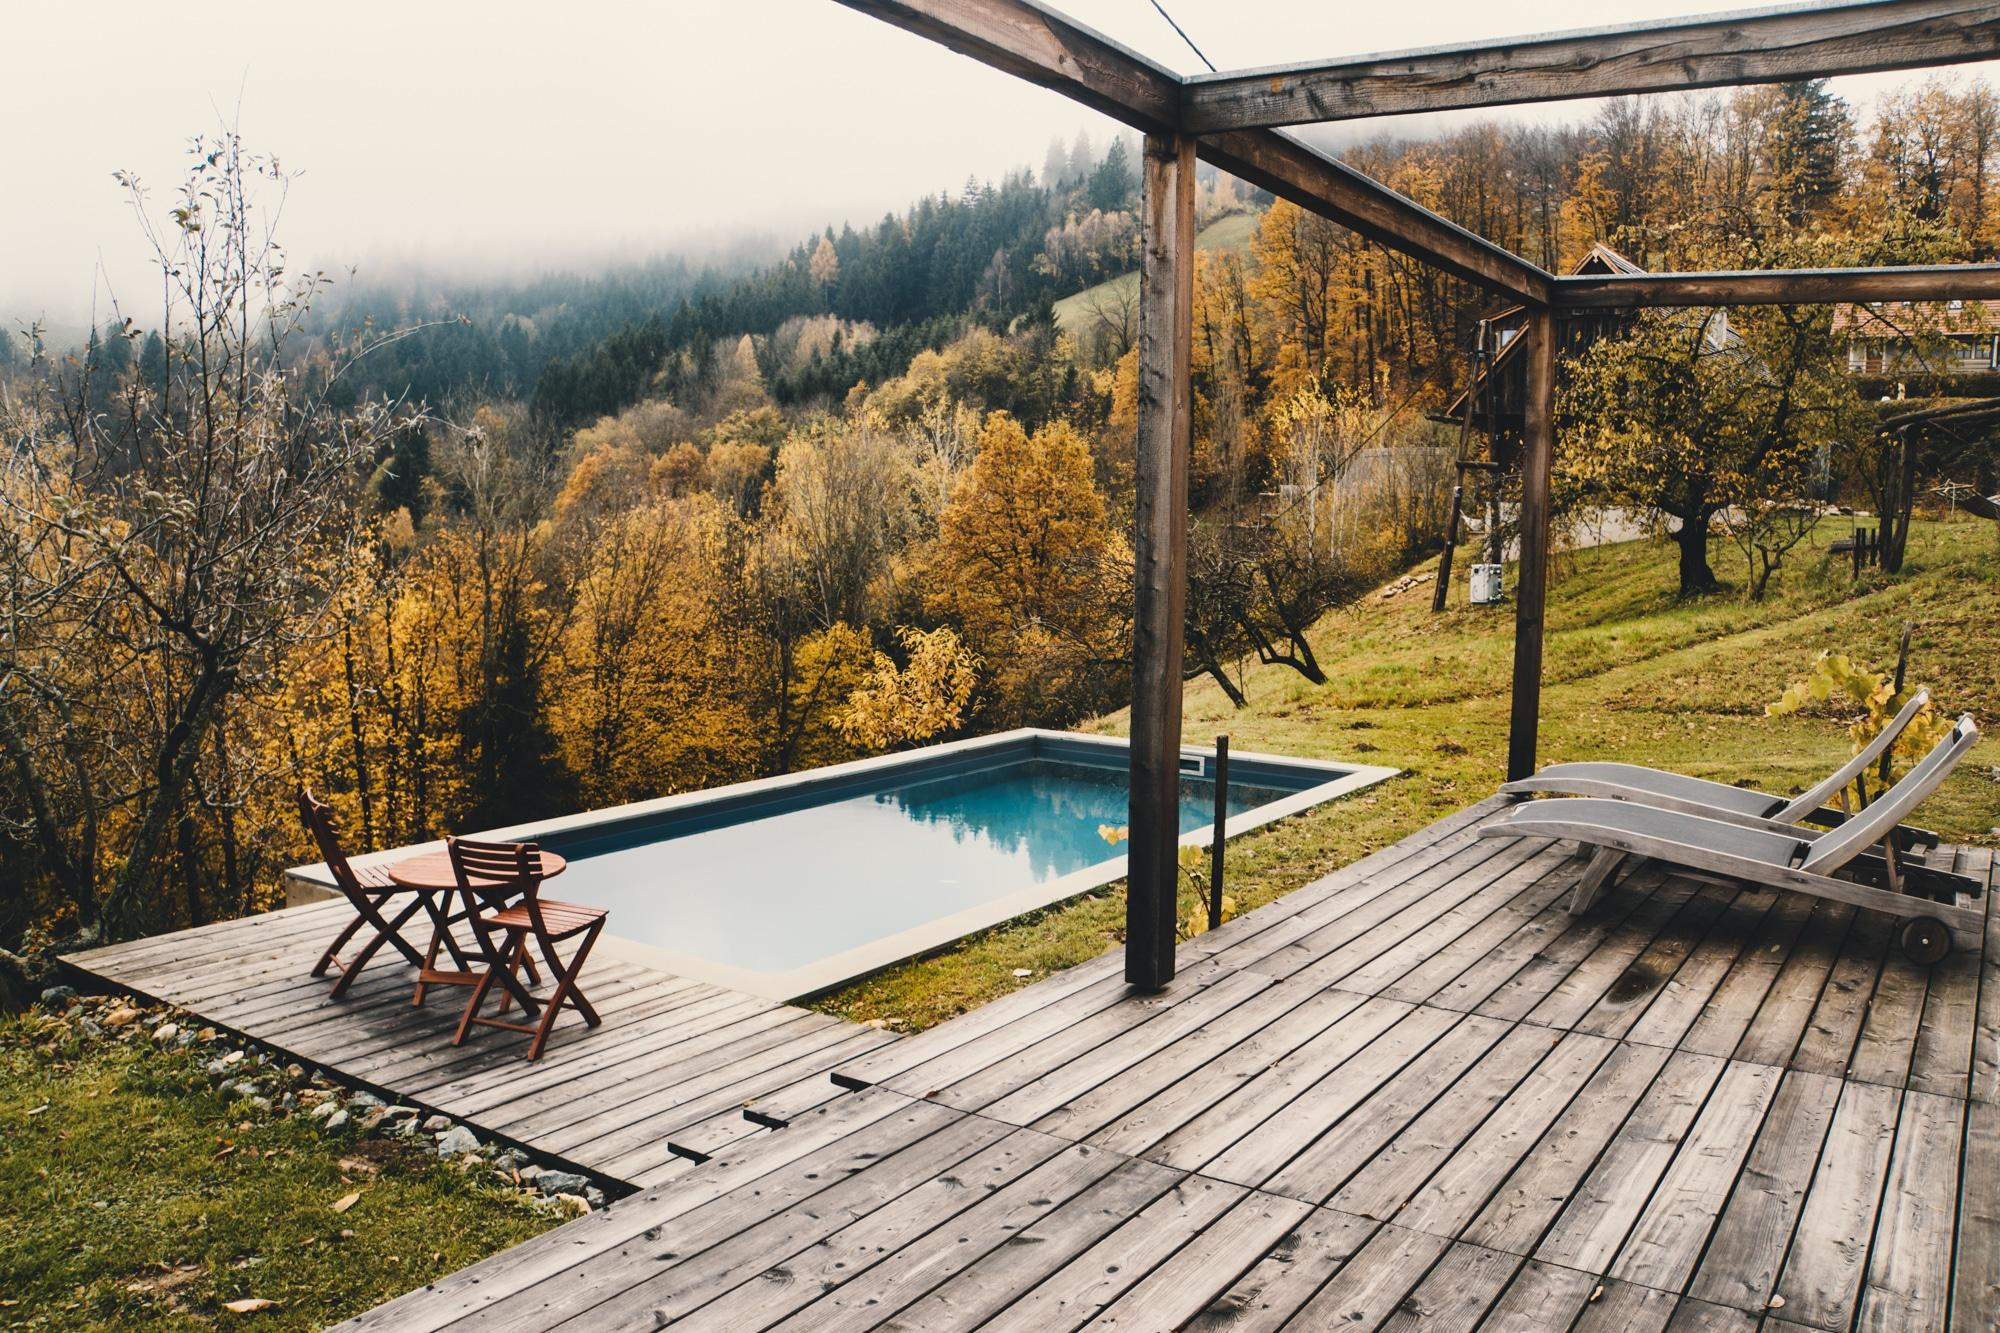 PURESLeben Erfahrungen: Das Landhaus Altenbach in der Südsteiermark - Pool